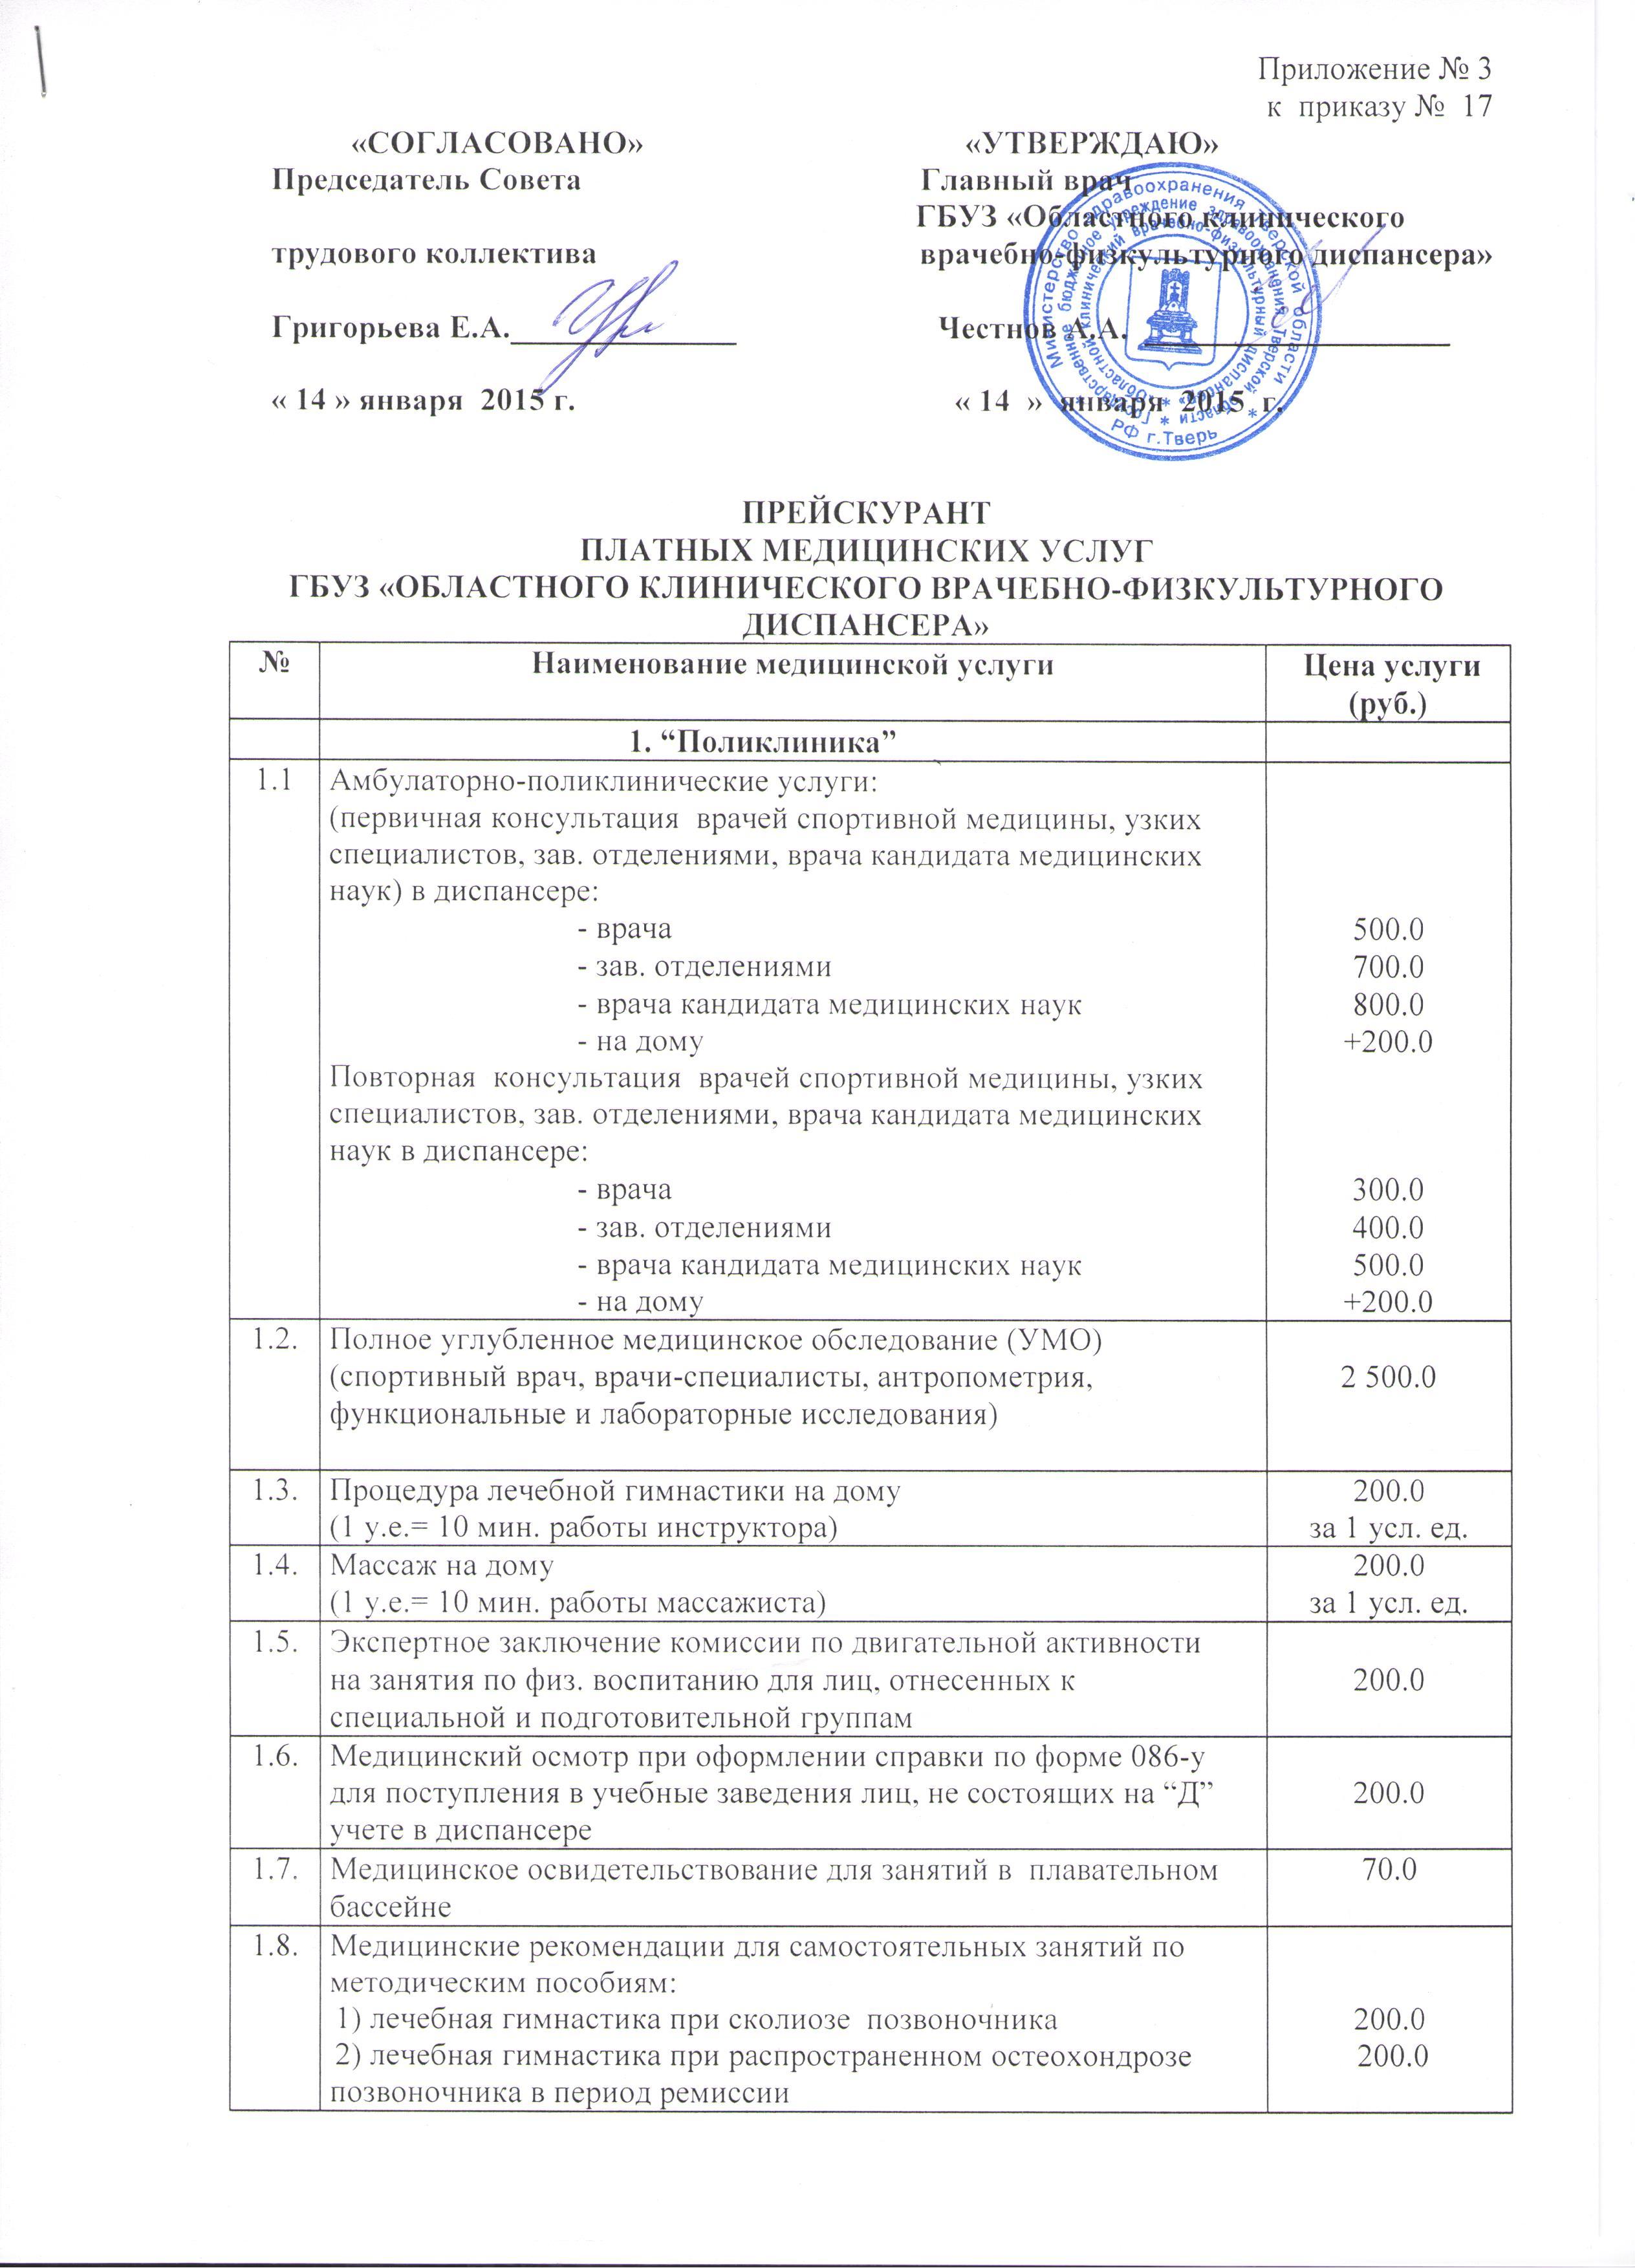 образец приказа о платных услугах